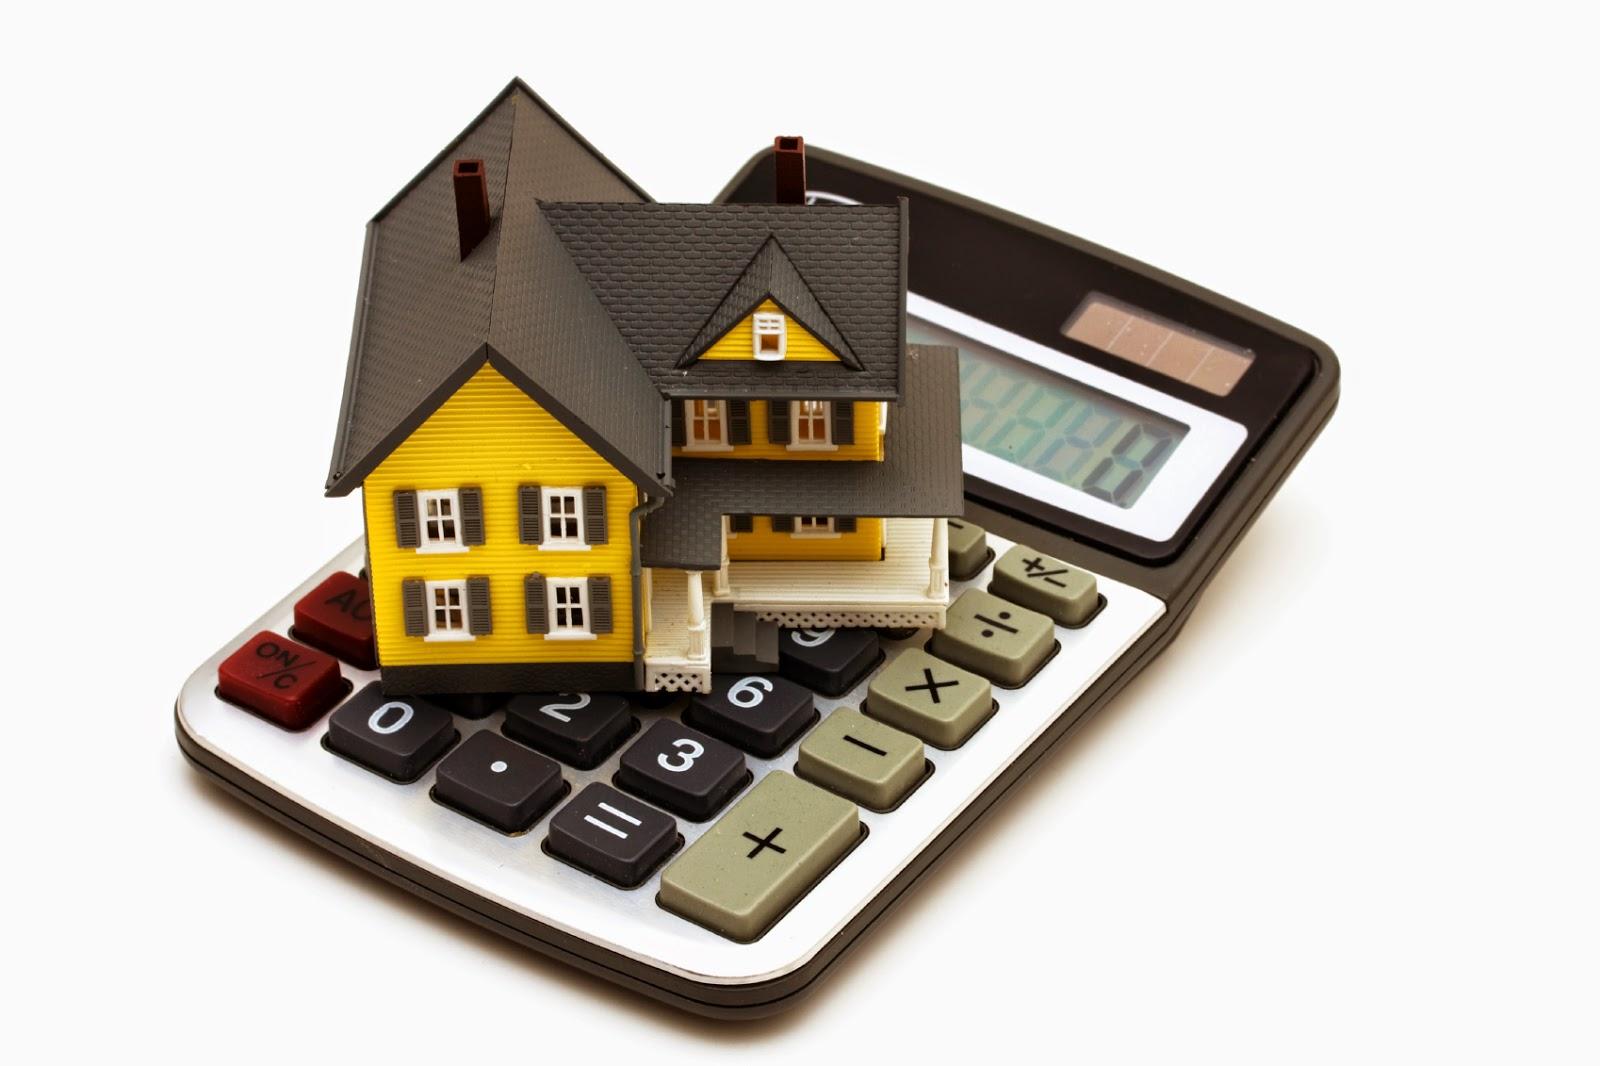 Sprawdź najtańsze oferty kredytów mieszkaniowych w 2015 roku w polskich bankach.